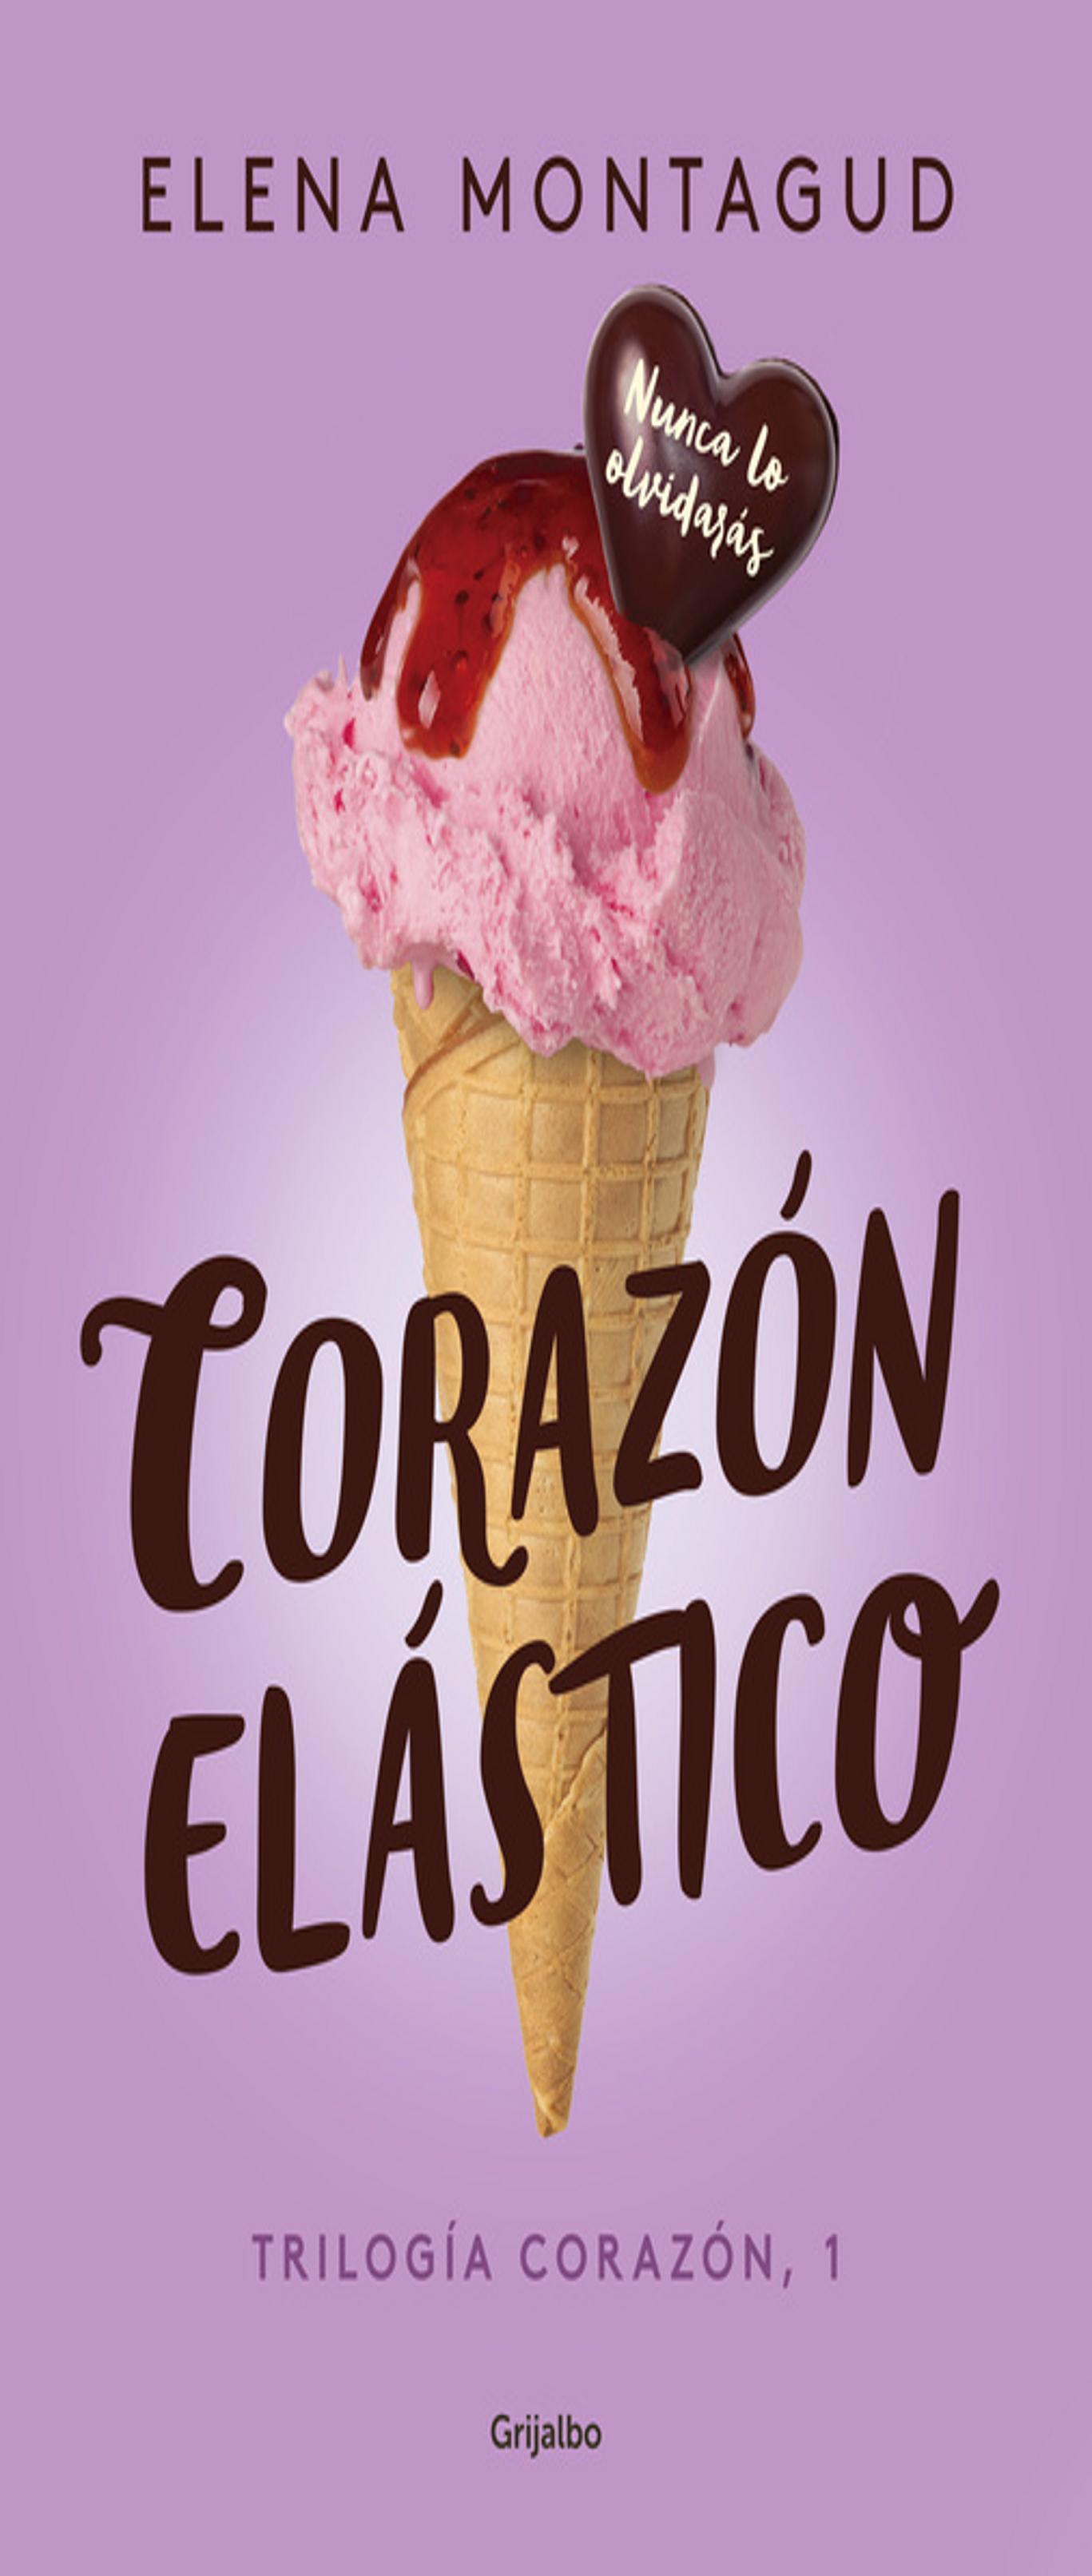 CORAZON ELASTICO - Trilogía Corazón